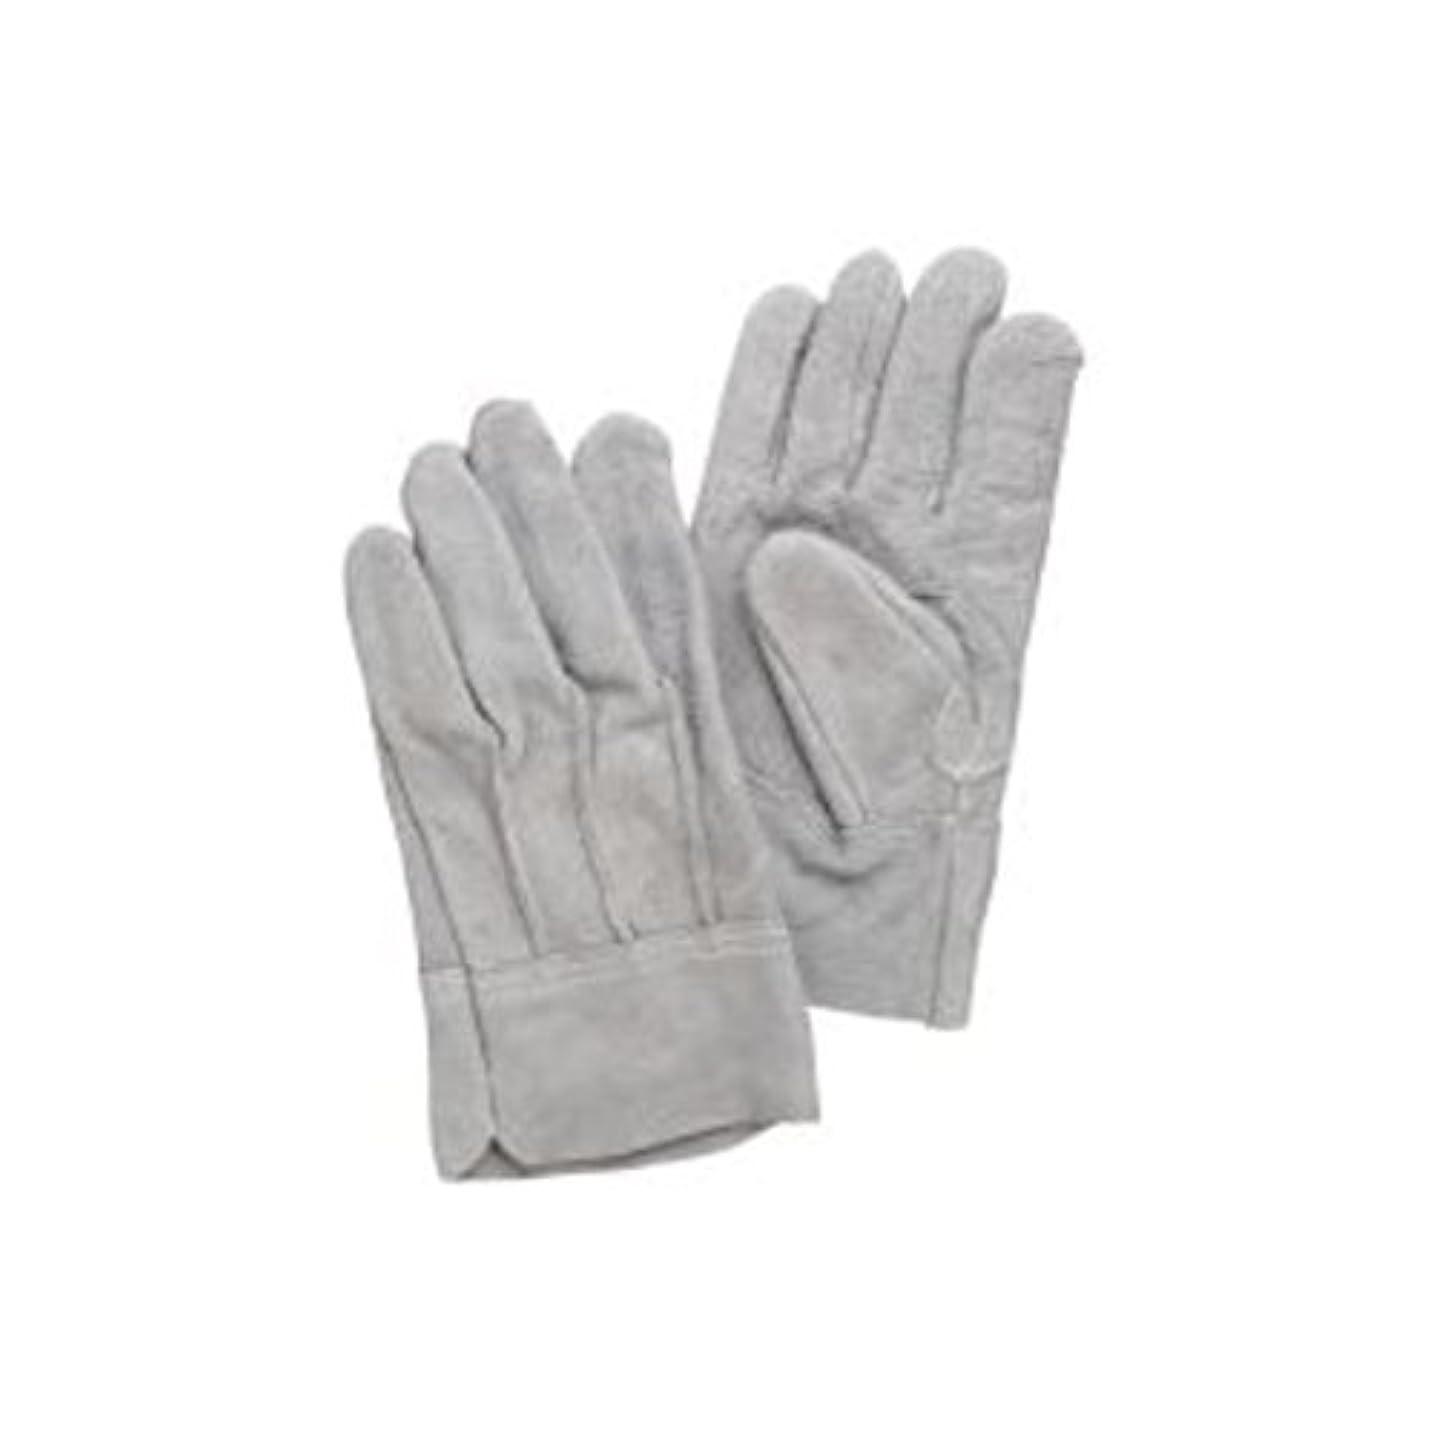 市長常に感謝【訳あり?在庫処分】(まとめ買い)熱田資材 革手袋床革手袋 背縫い NO.11 グレー 【×10セット】